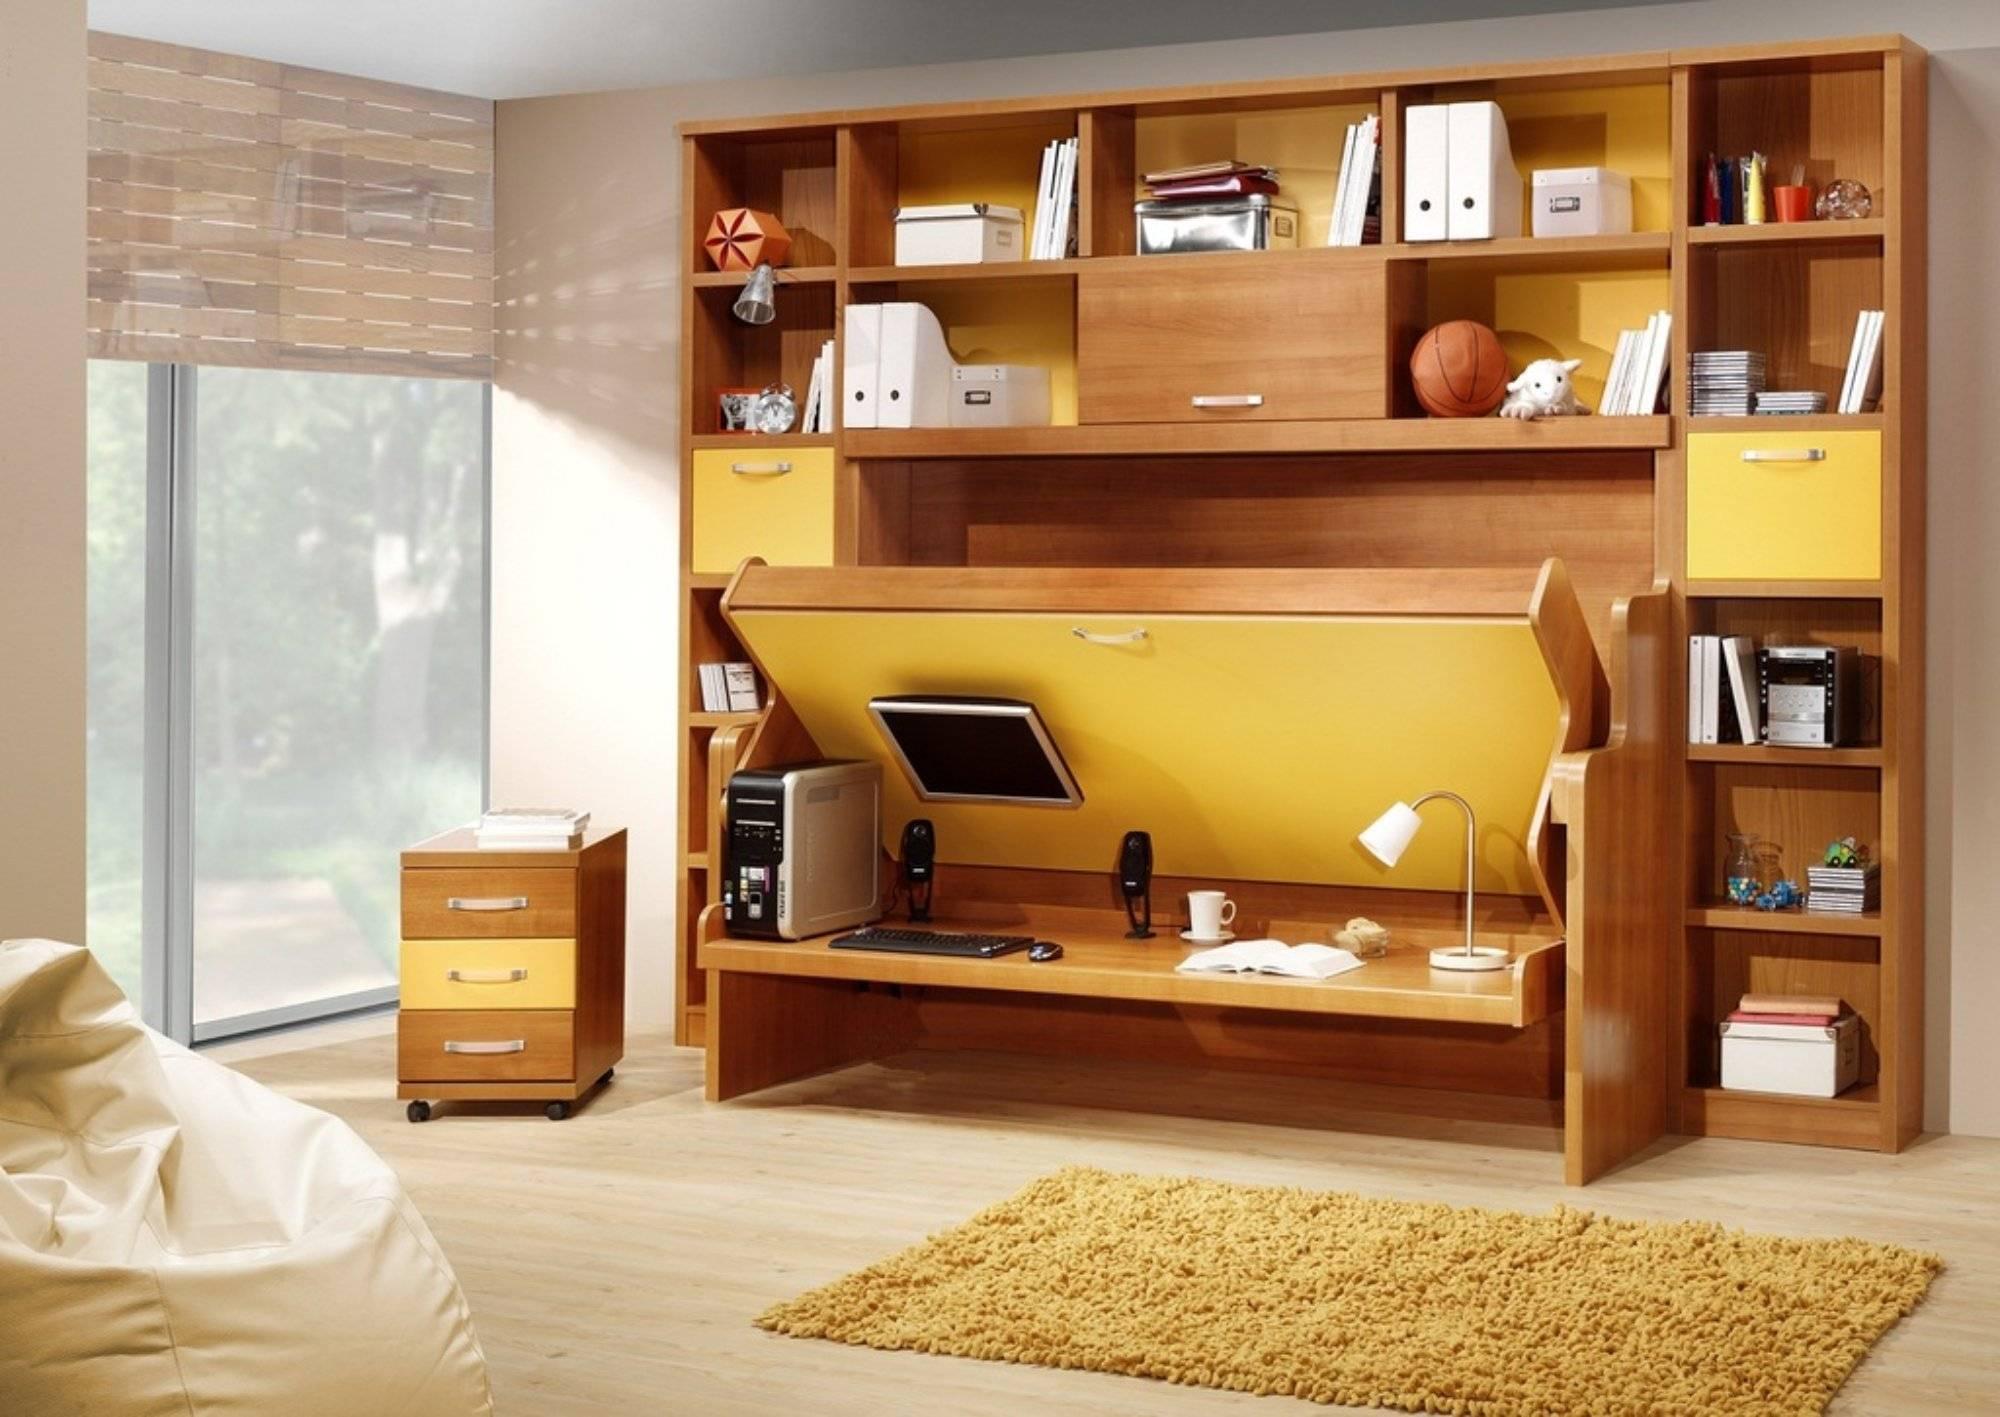 6 вариантов кроватей-трансформеров: виды моделей, достоинства и недостатки, сочетание с интерьером